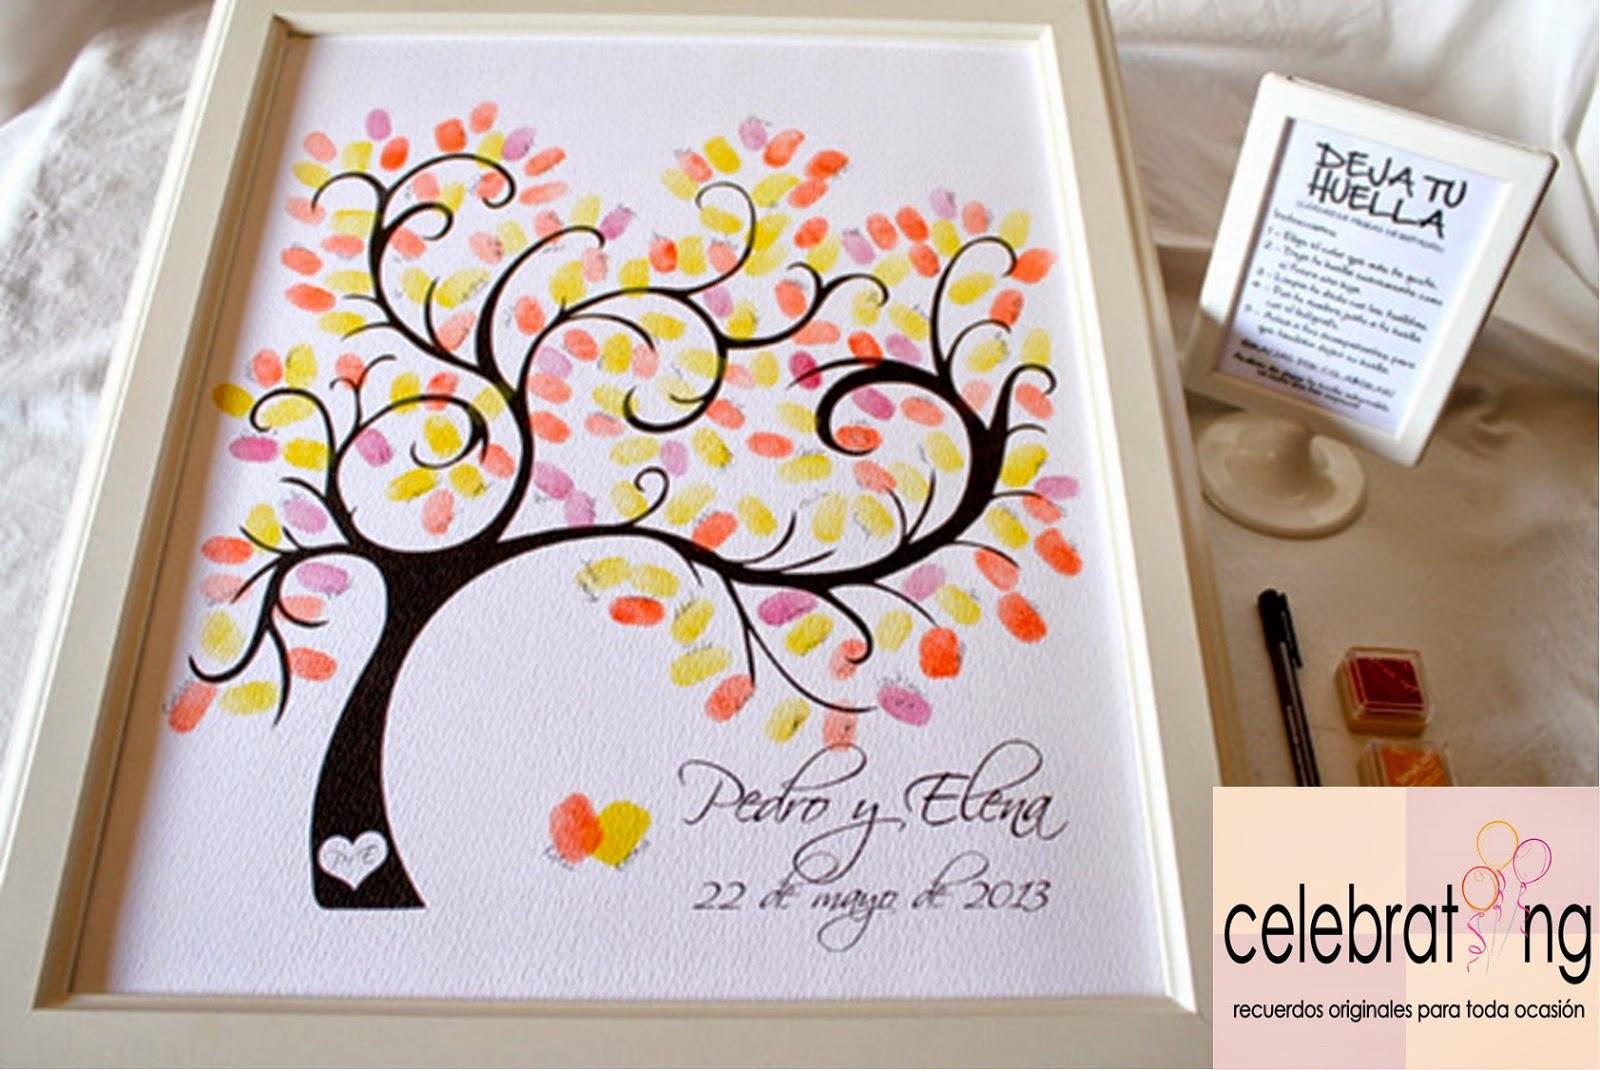 Celebrating rbol de huellas para bodas y celebraciones cuadros de firmas con huellas - Marcos para fotos economicos ...